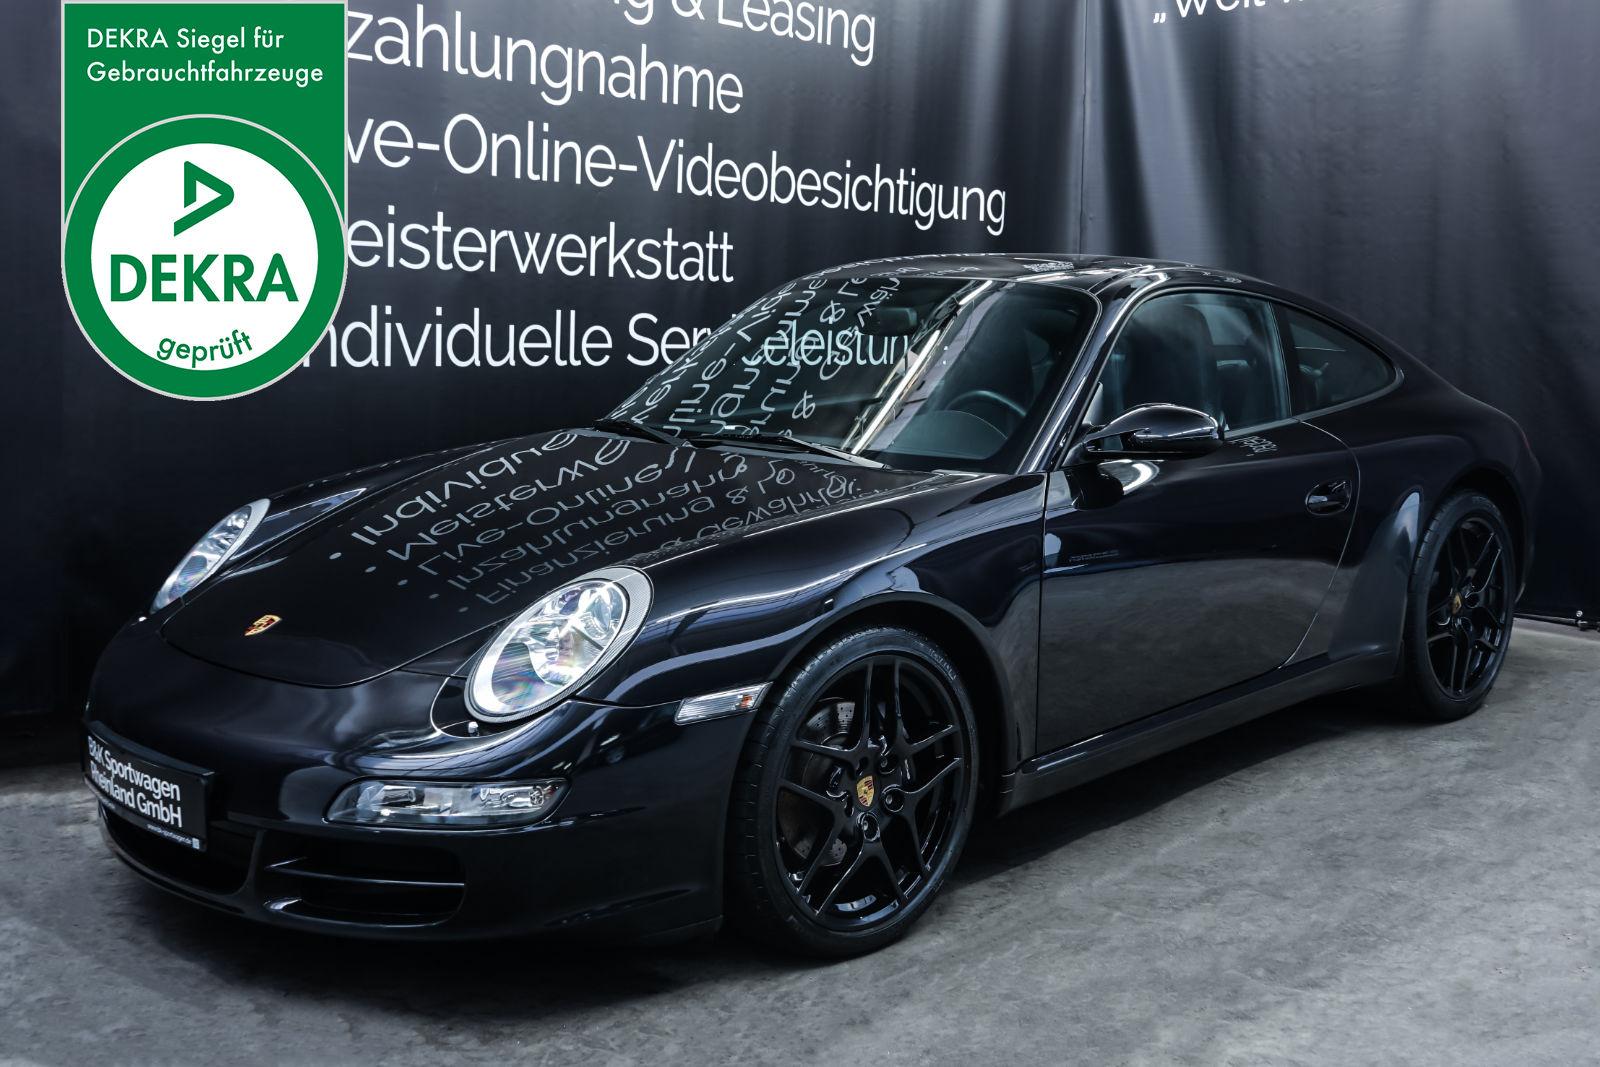 Porsche_997_C2_Schwarz_Schwarz_POR-3384_Plakette_w